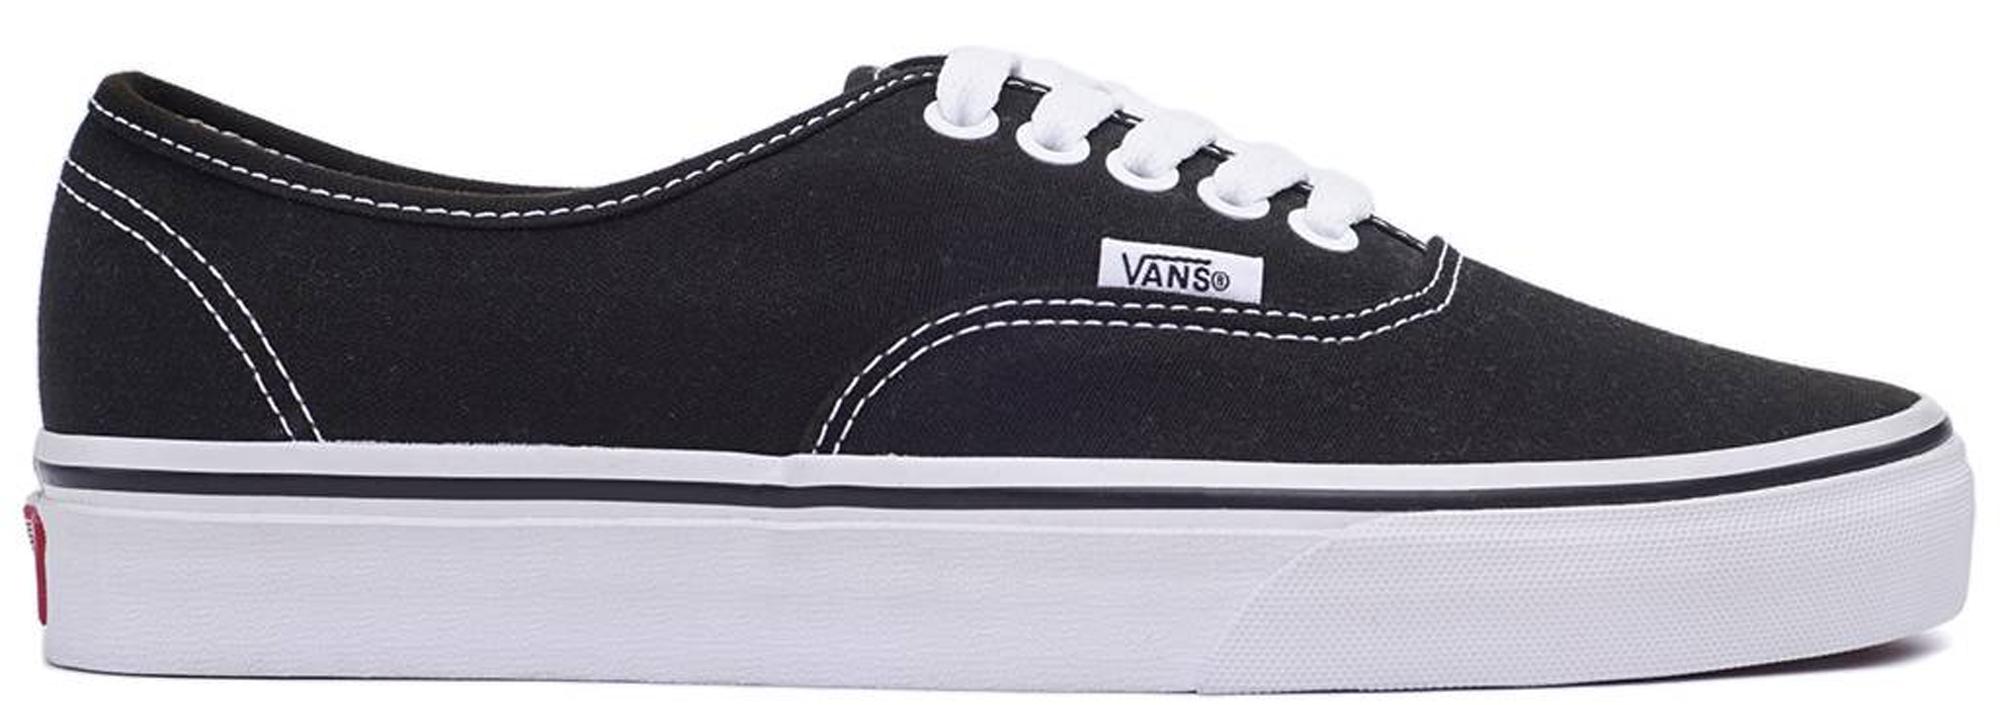 vans black white